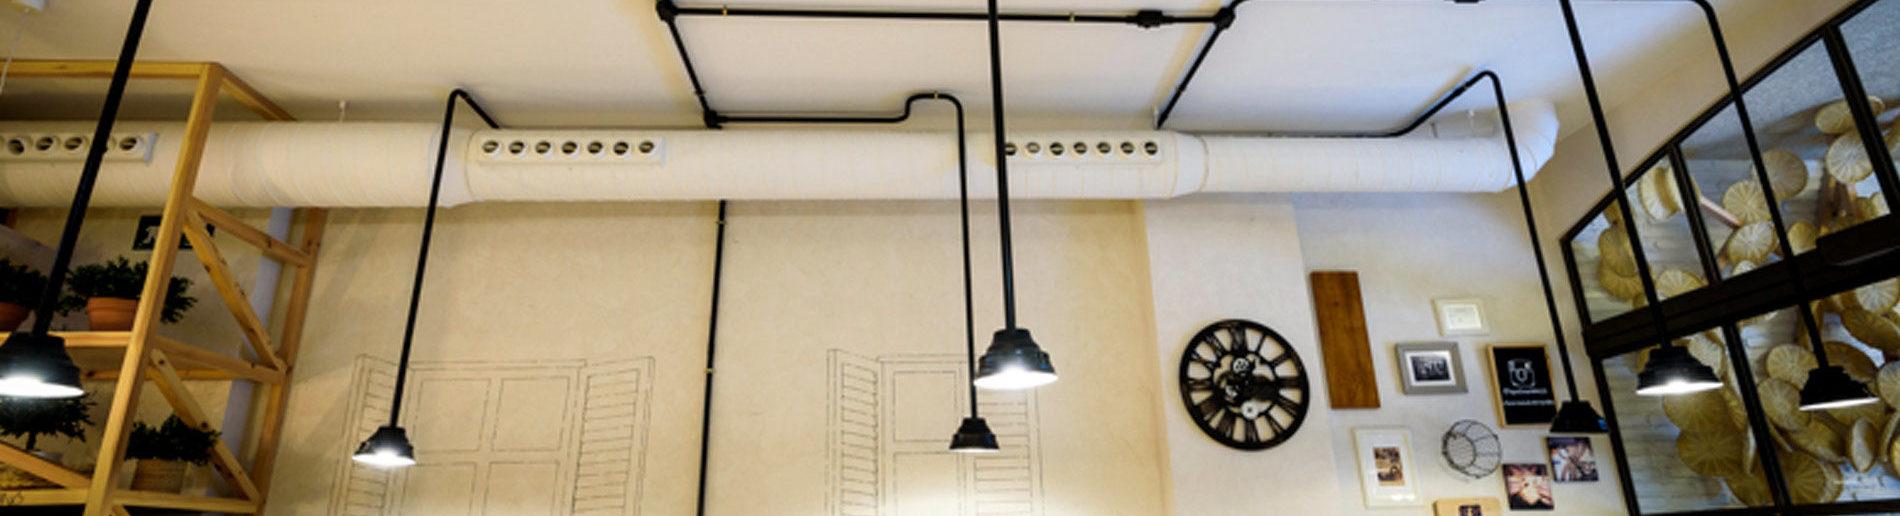 Instalación eléctrica en A Coruña